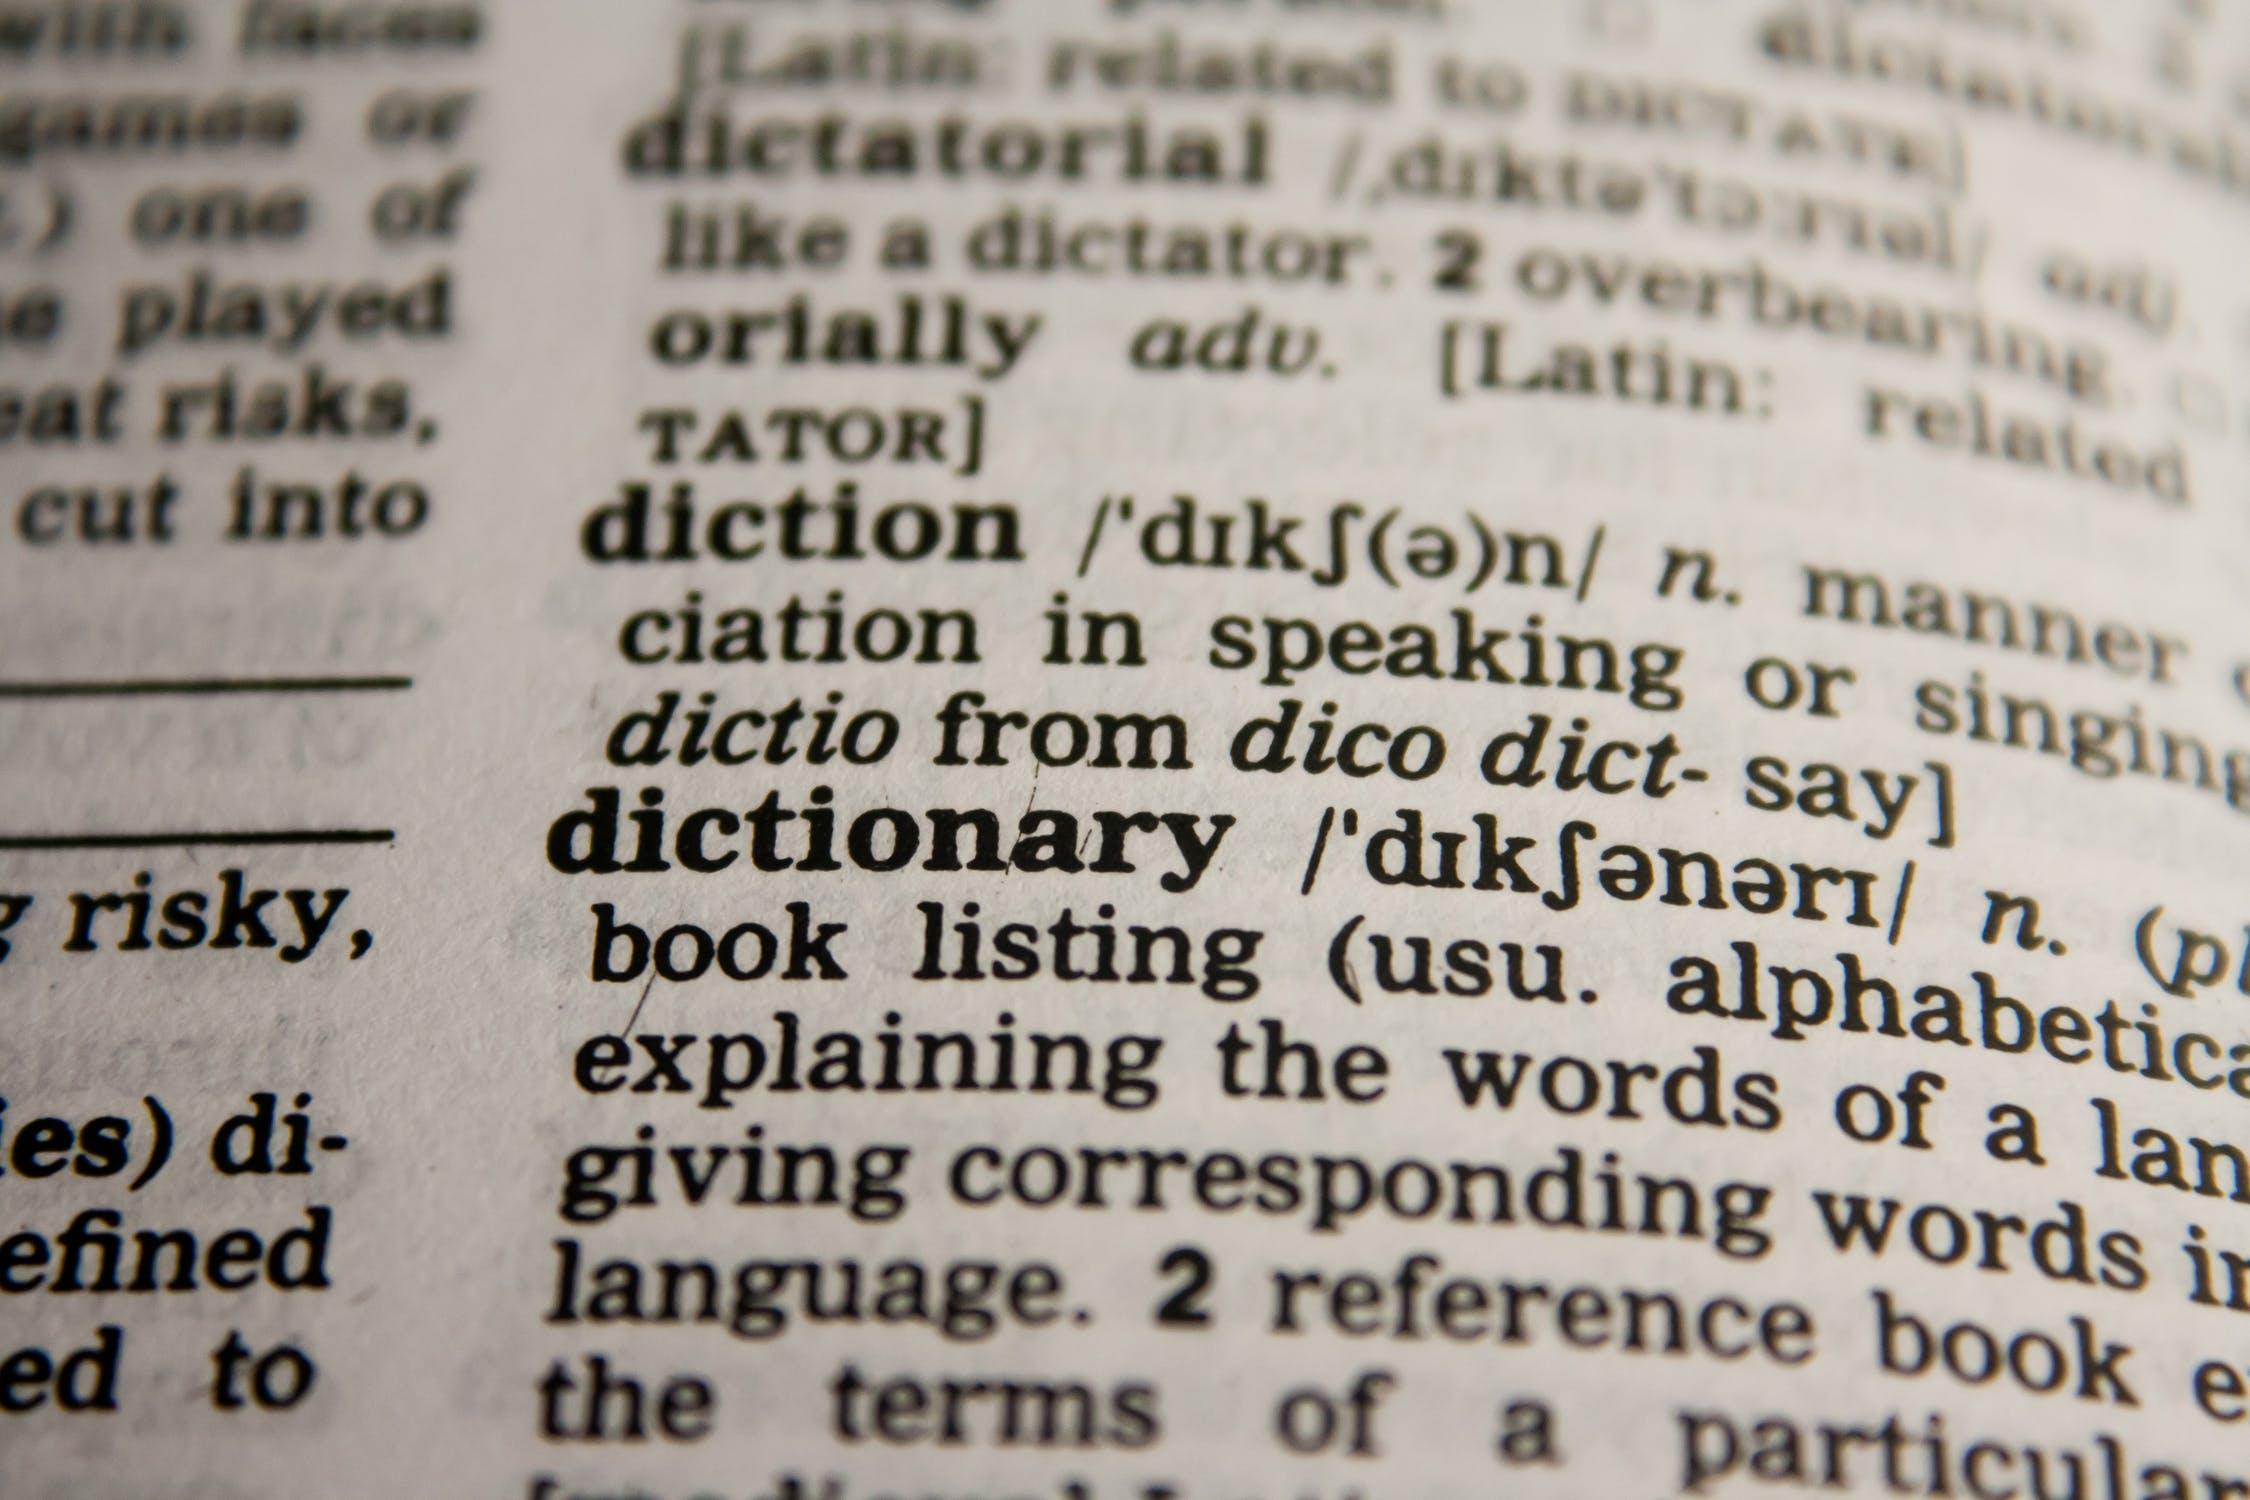 Traduzione automatica vs traduzione umana: scopri le differenze e come farne un buon utilizzo